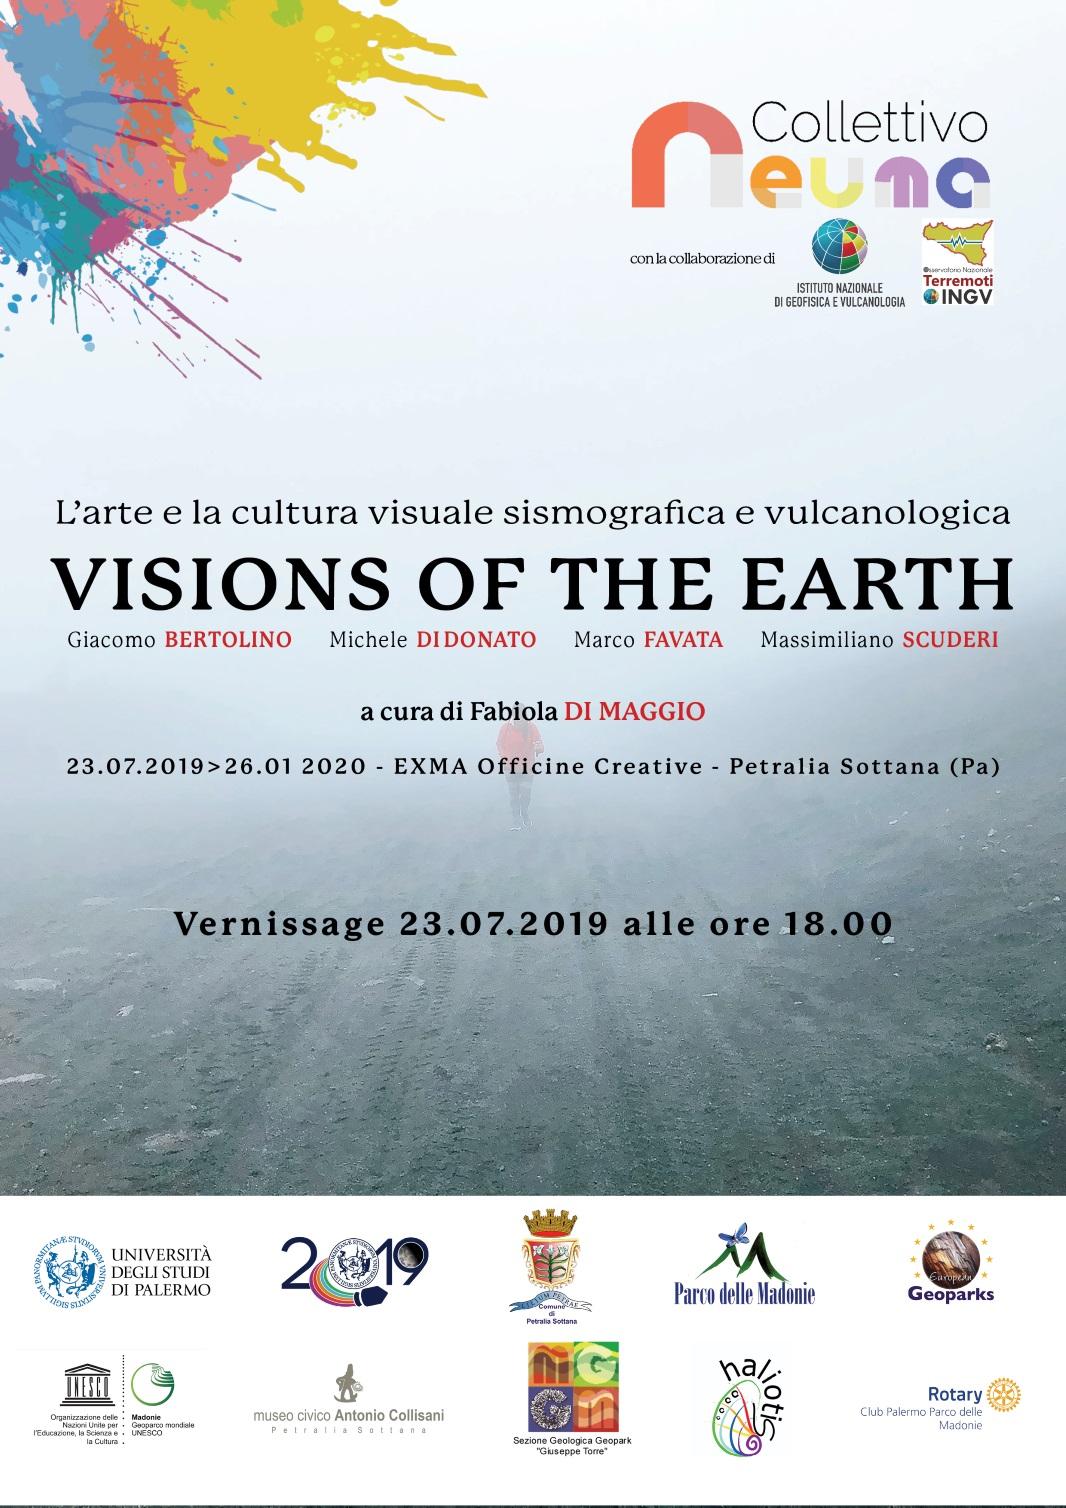 VISIONS OF THE EARTH: fa tappa a Petralia Sottana la mostra del Collettivo Neuma che racconta la sismologia e la vulcanologia attraverso le opere di 4 artisti siciliani